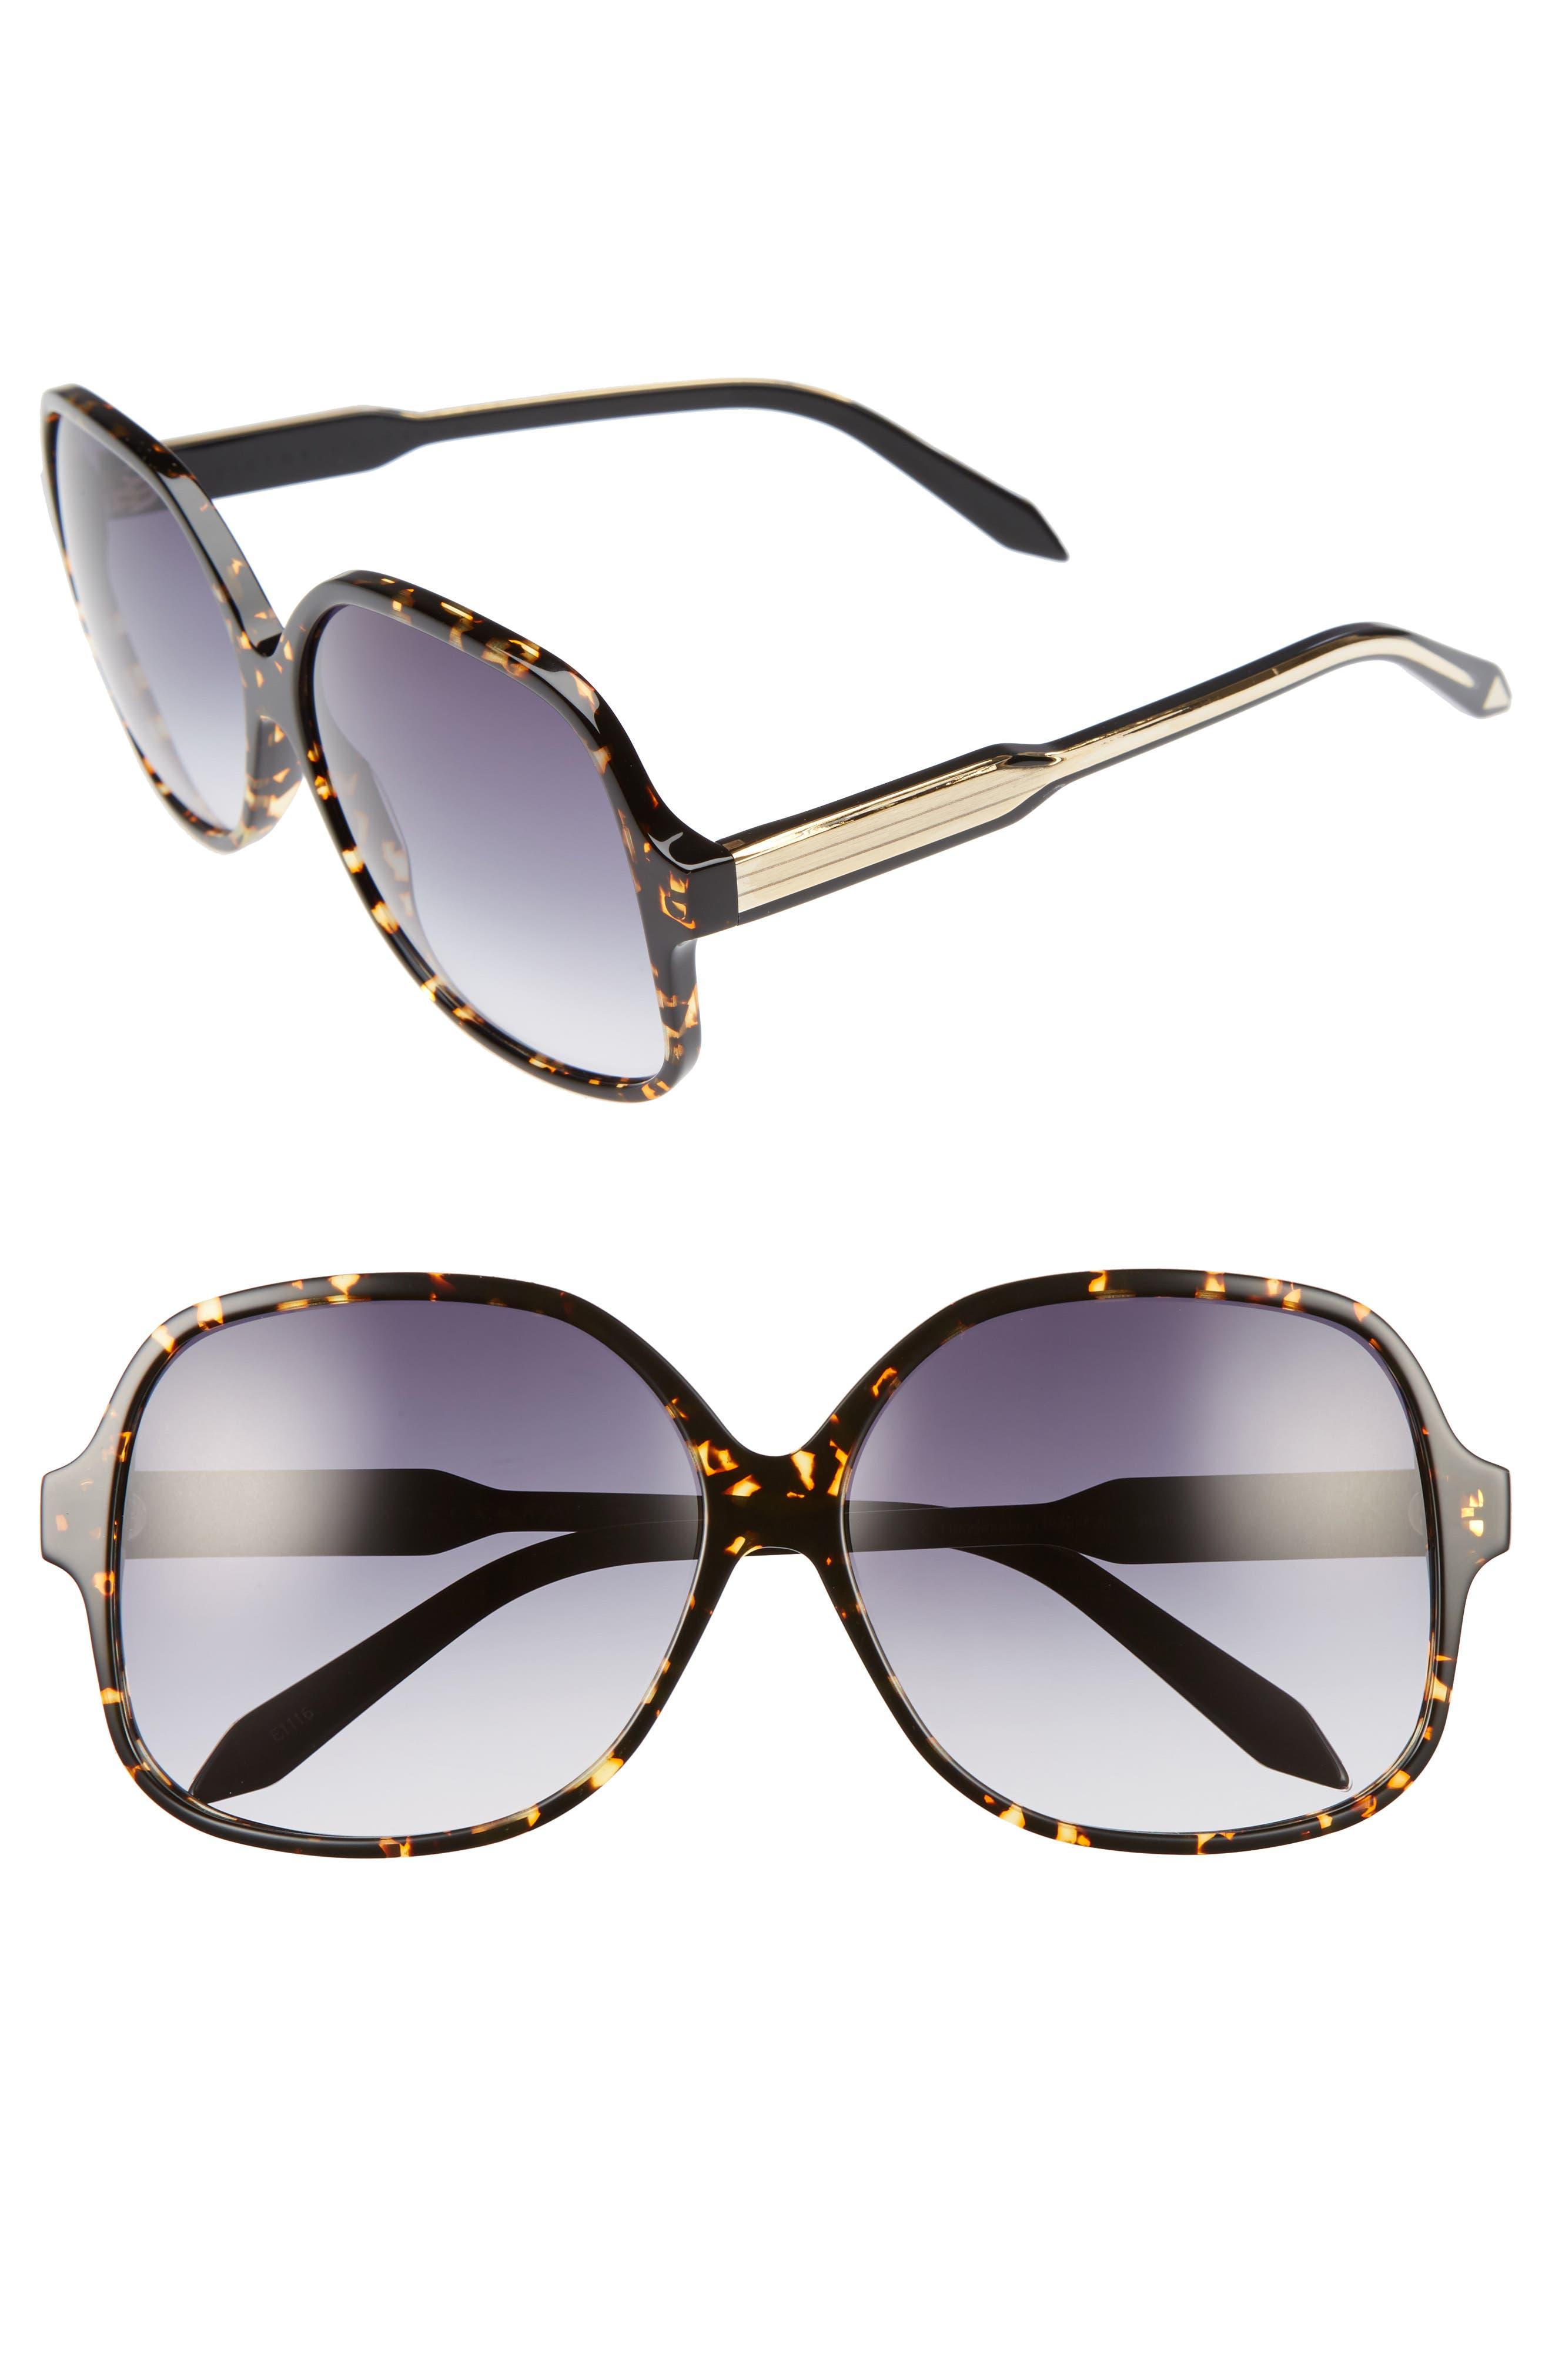 VICTORIA BECKHAM Classic 61mm Gradient Lens Square Sunglasses